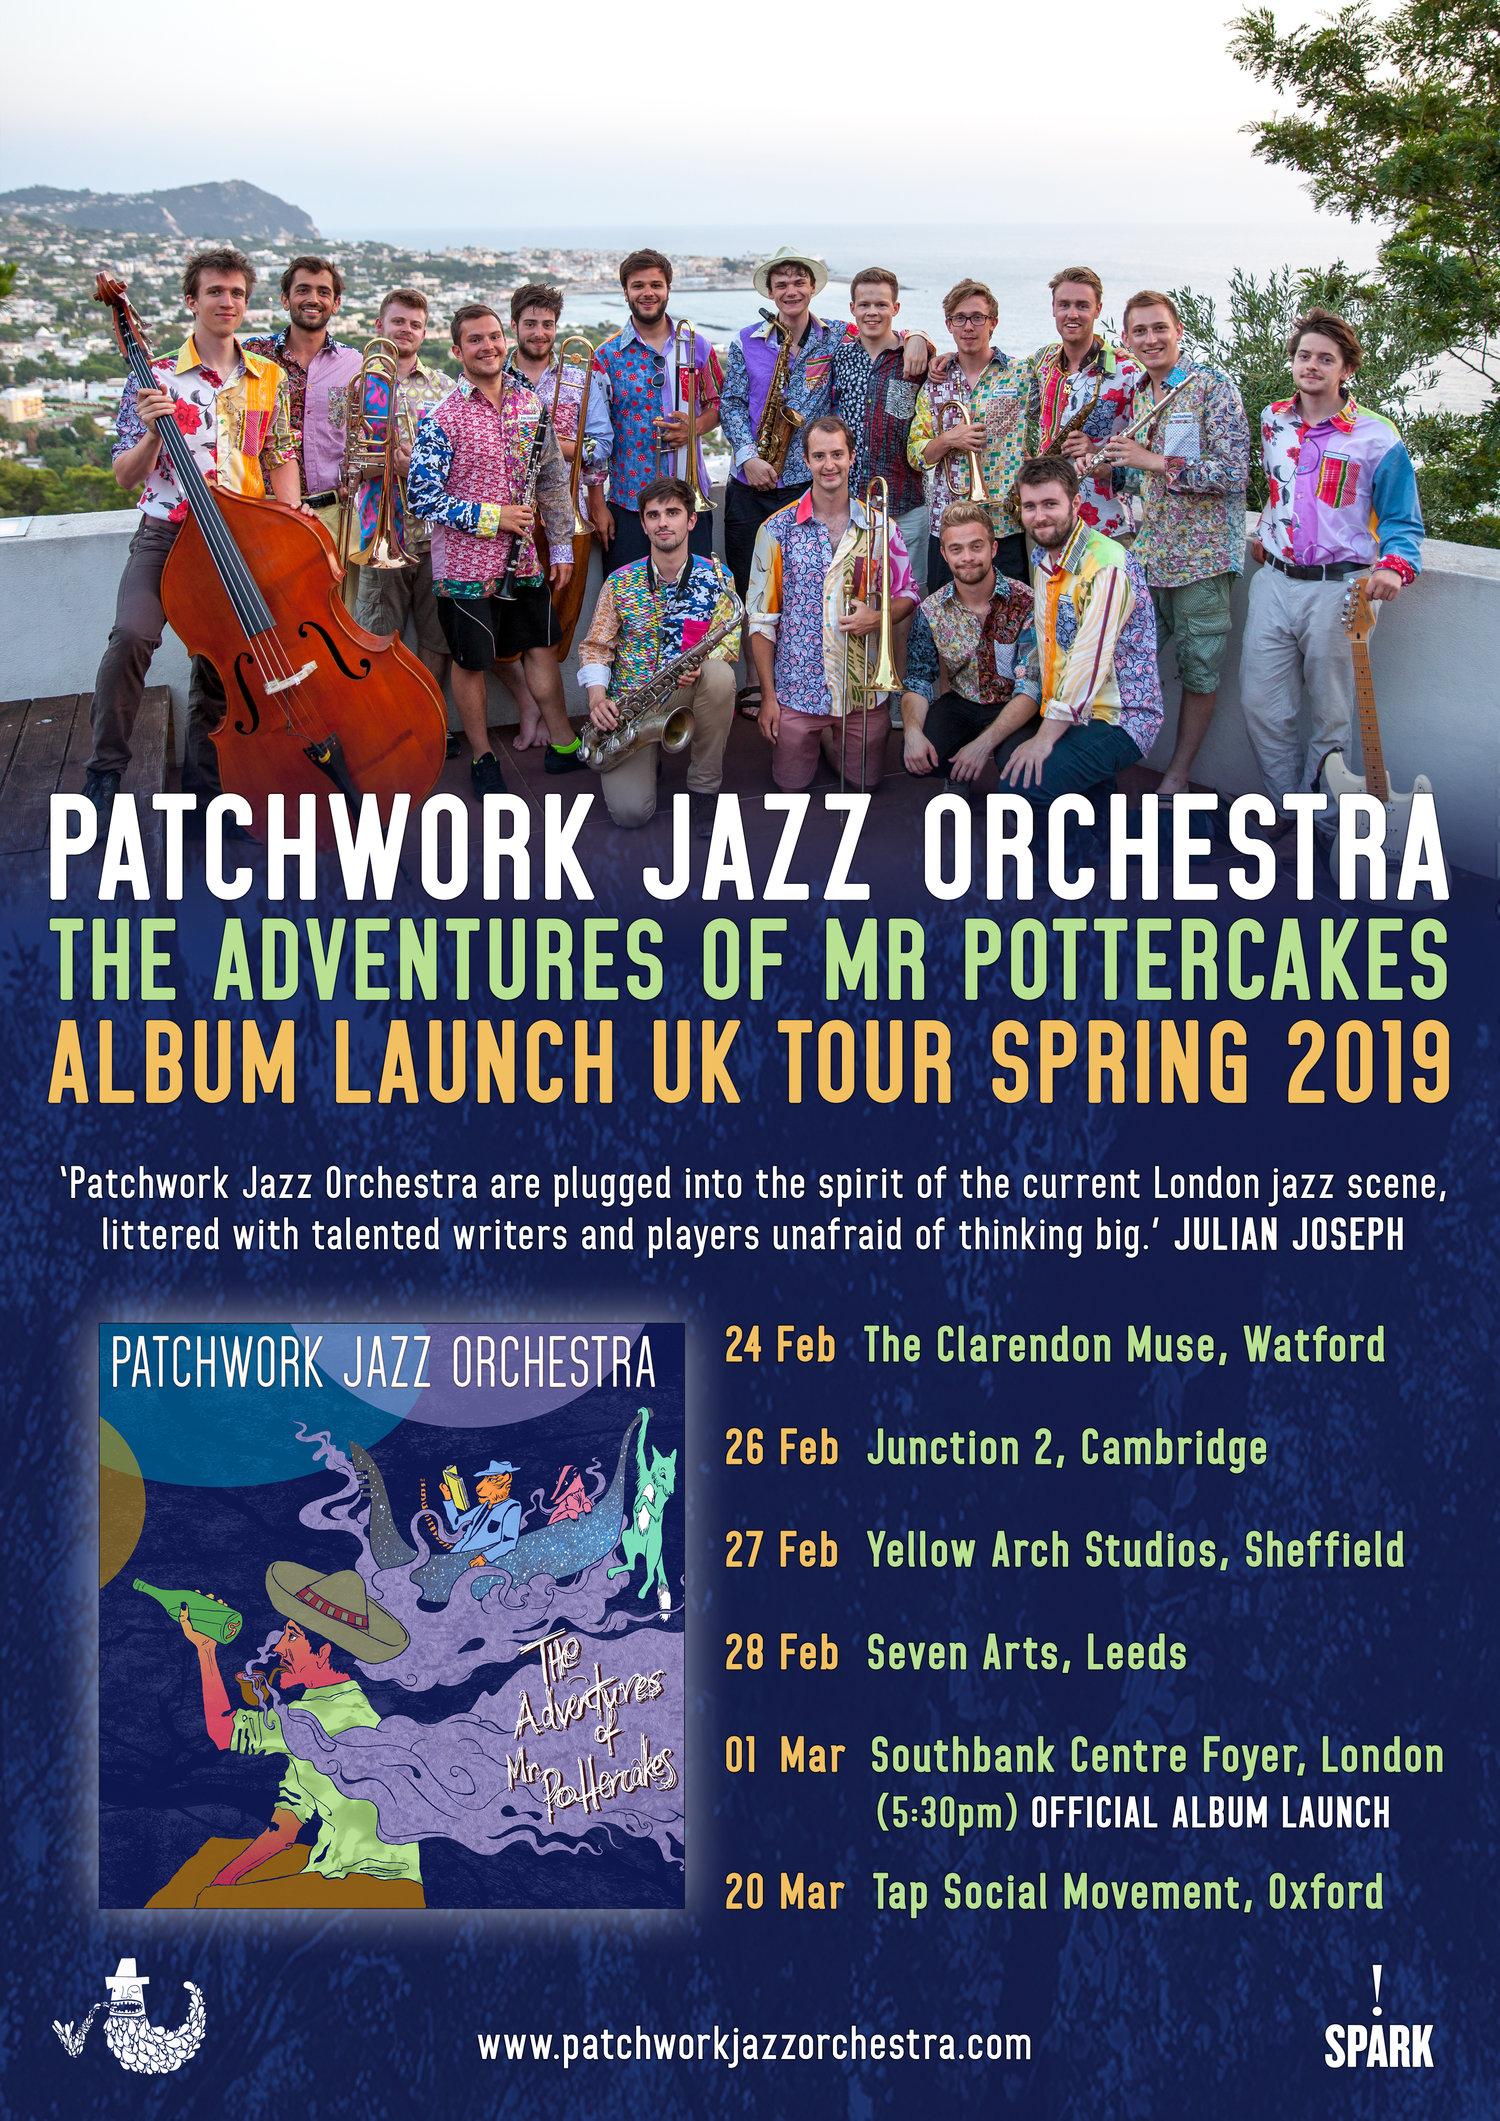 PJO+Tour+Poster+DIGITAL.jpg